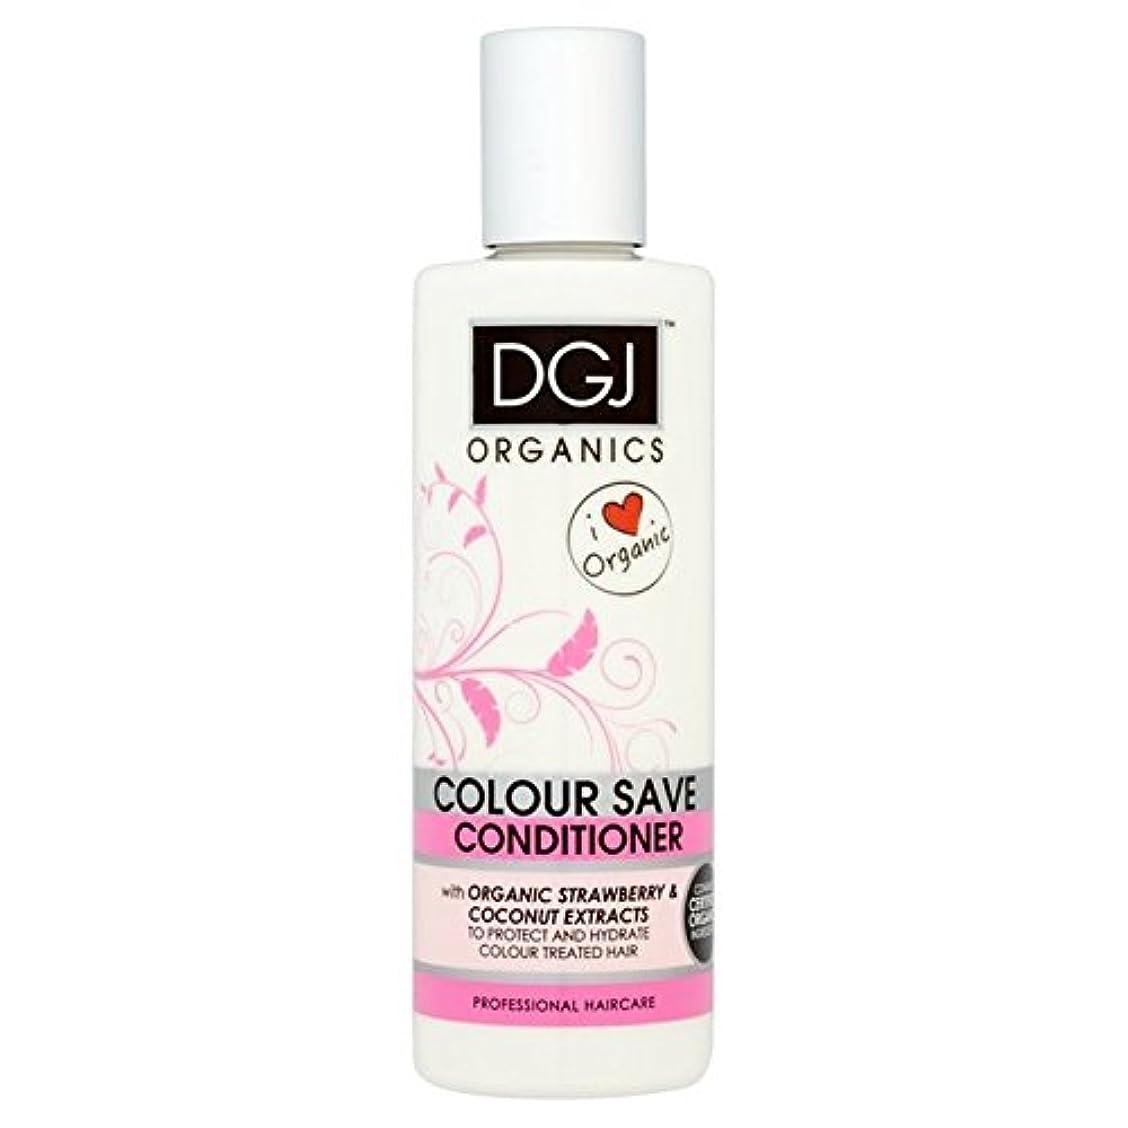 傷つきやすいメッセージ驚かすDGJ Organics Colour Save Conditioner 250ml - 有機物の色コンディショナー250を保存 [並行輸入品]